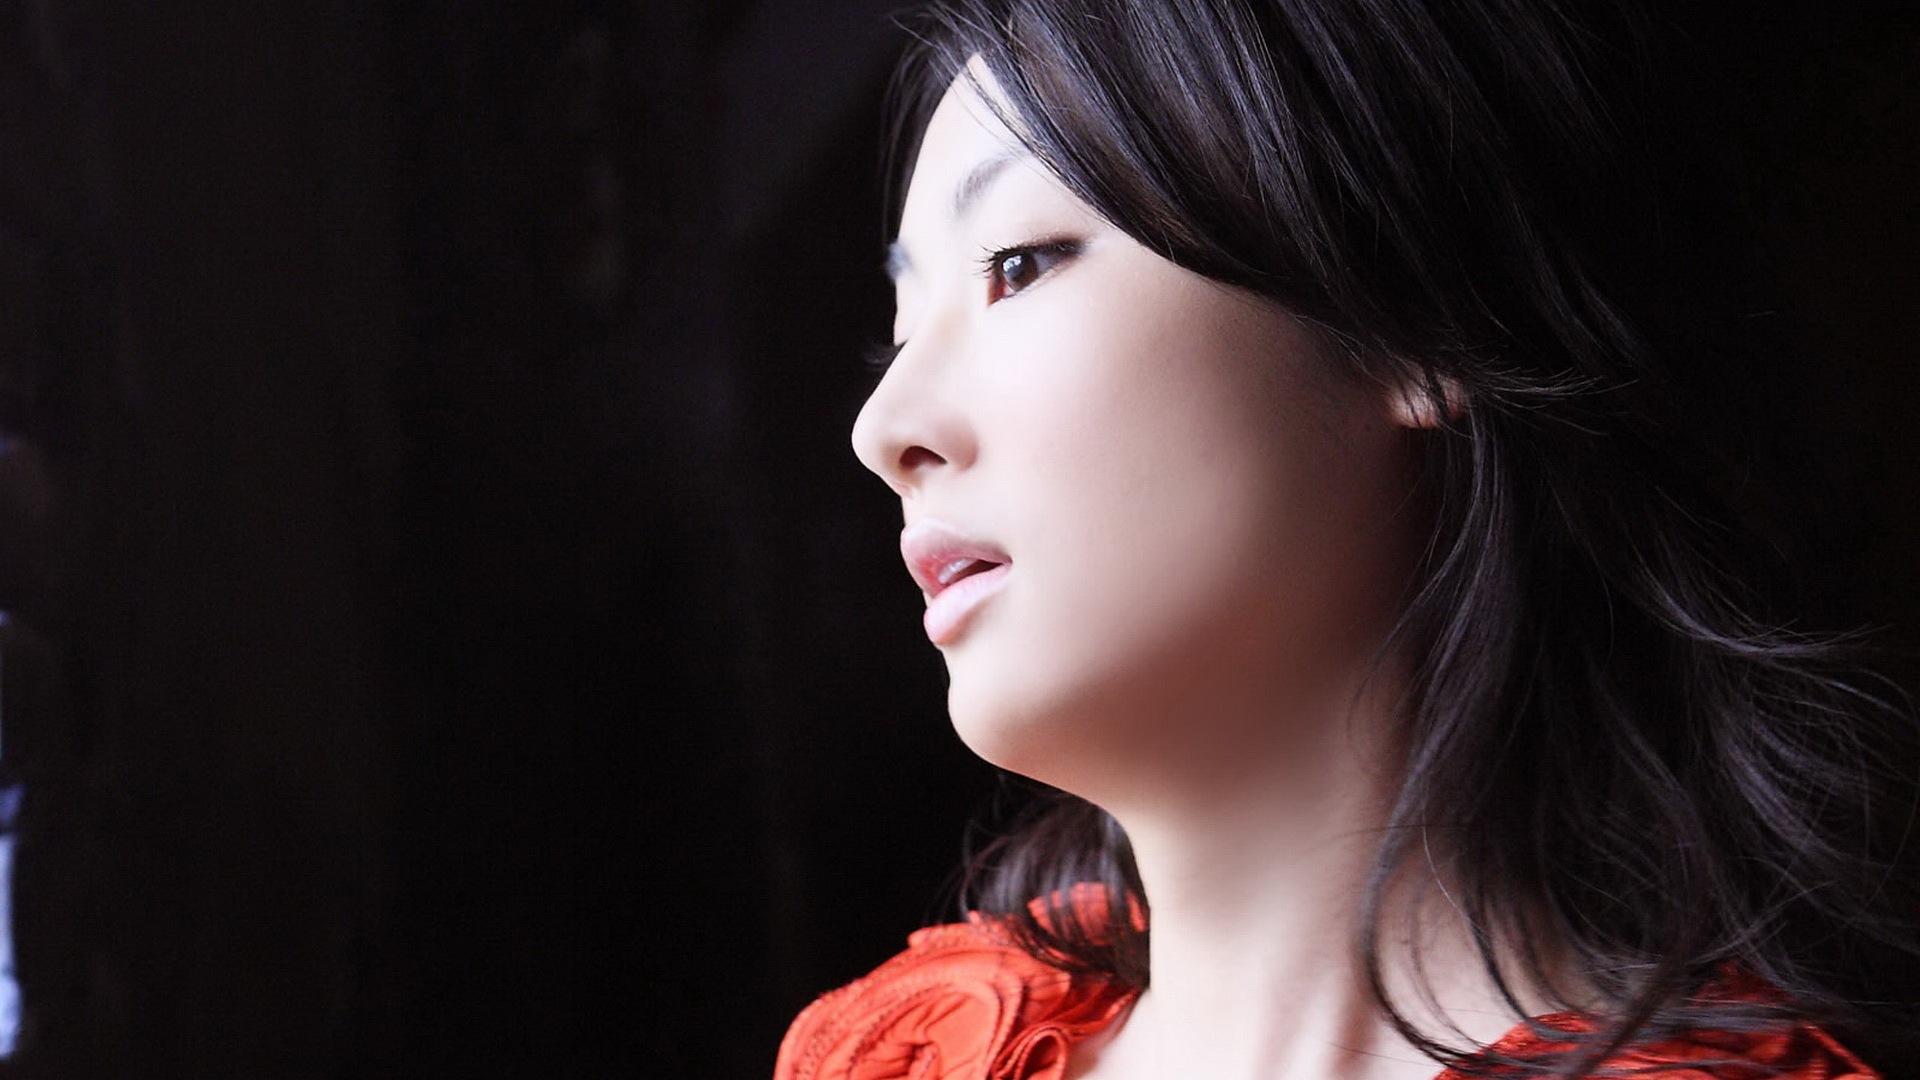 Японская девушка сосет член, Милая японская девушка сосет член - ПорноЛента 14 фотография